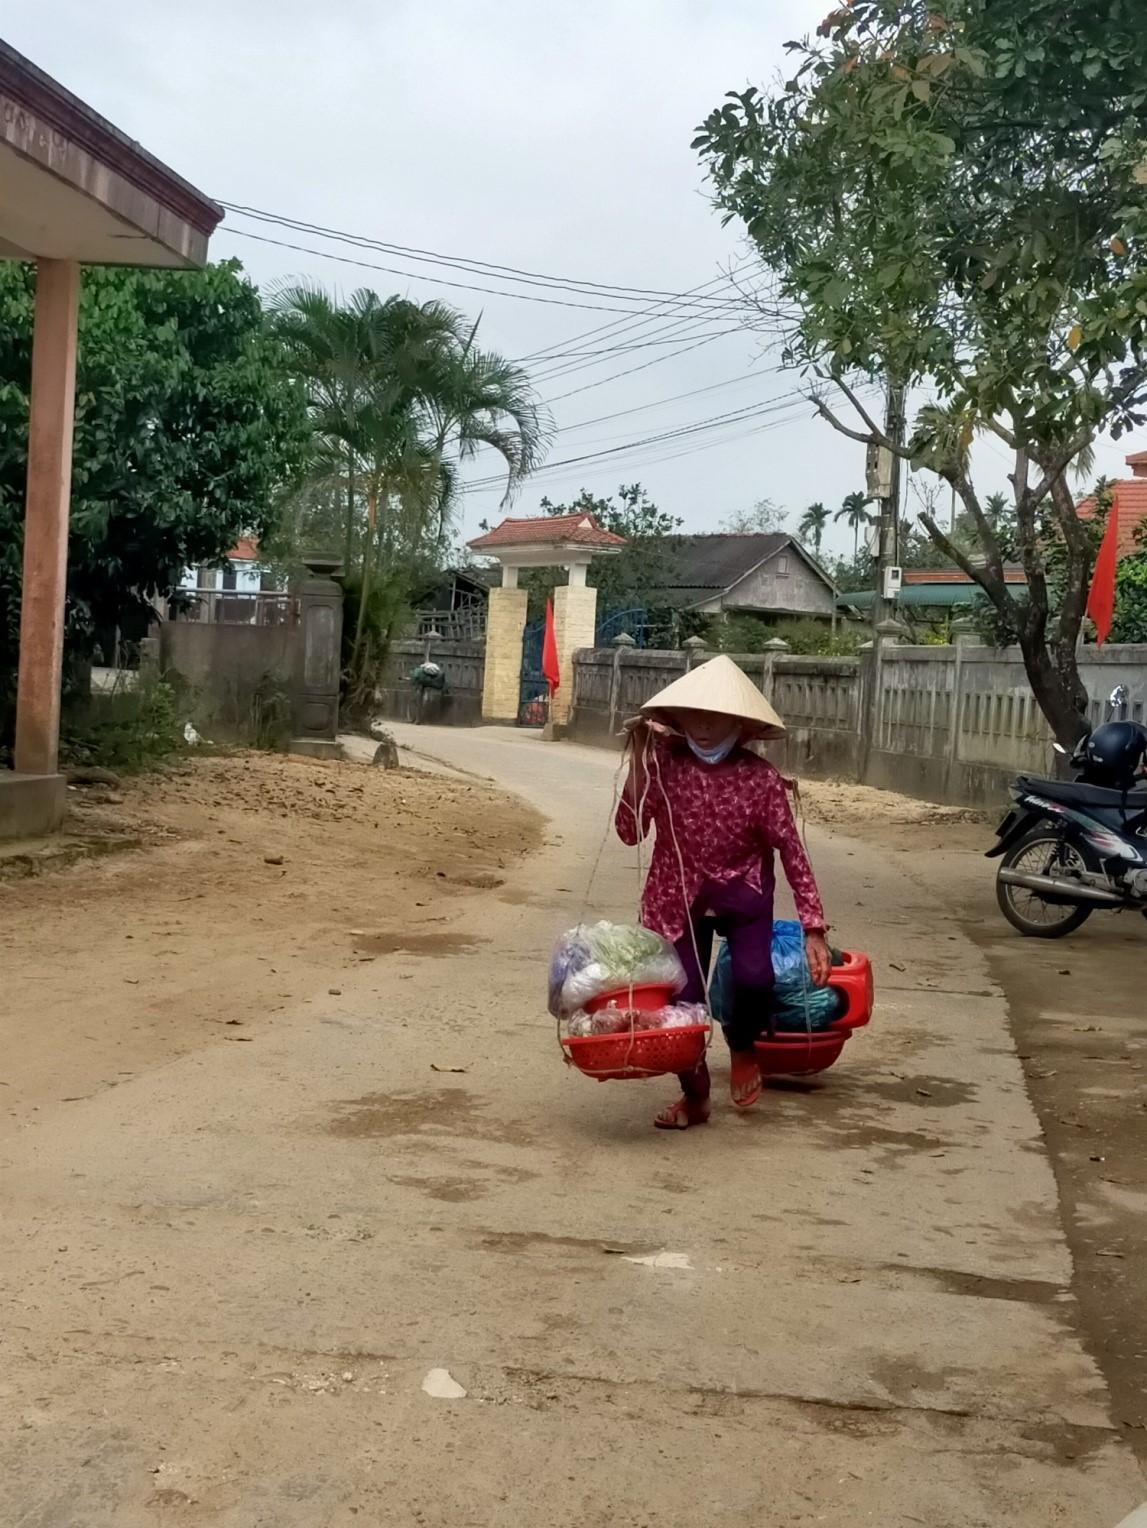 Kể chuyện làng: Ngan ngát mùi đường làng quê tôi - Ảnh 5.